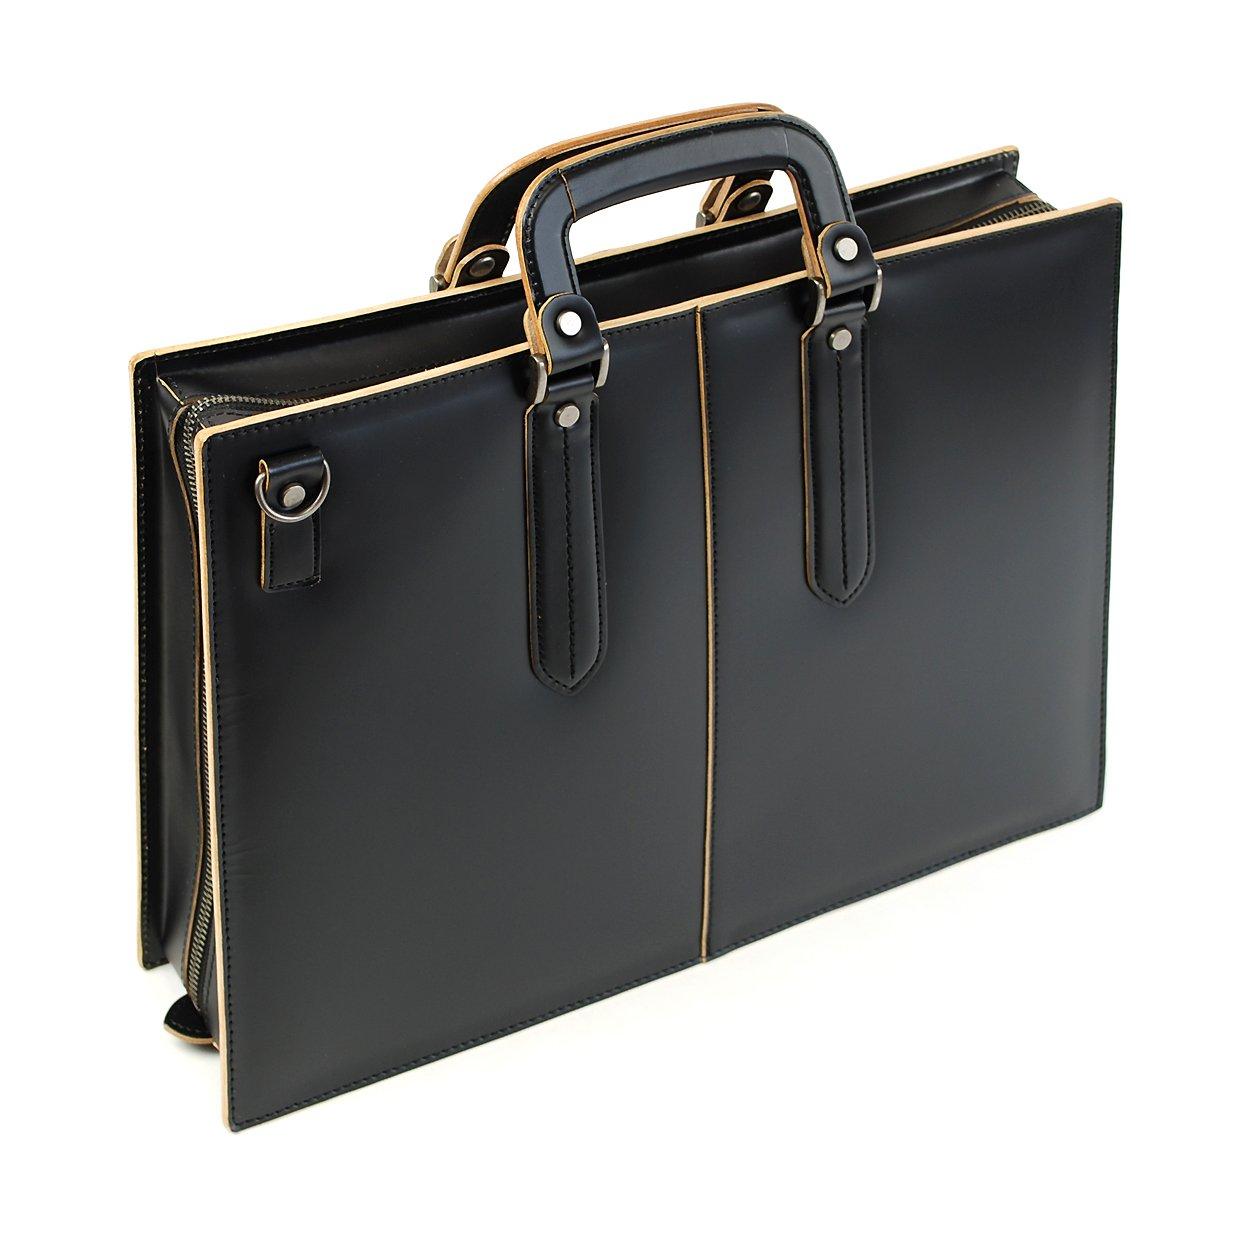 [コンプレックスガーデンズ] 枯淡シリーズ 2WAY ブリーフバッグ 40cm A4サイズ 3方開き 3703 B00B5319SS ブラック(10)